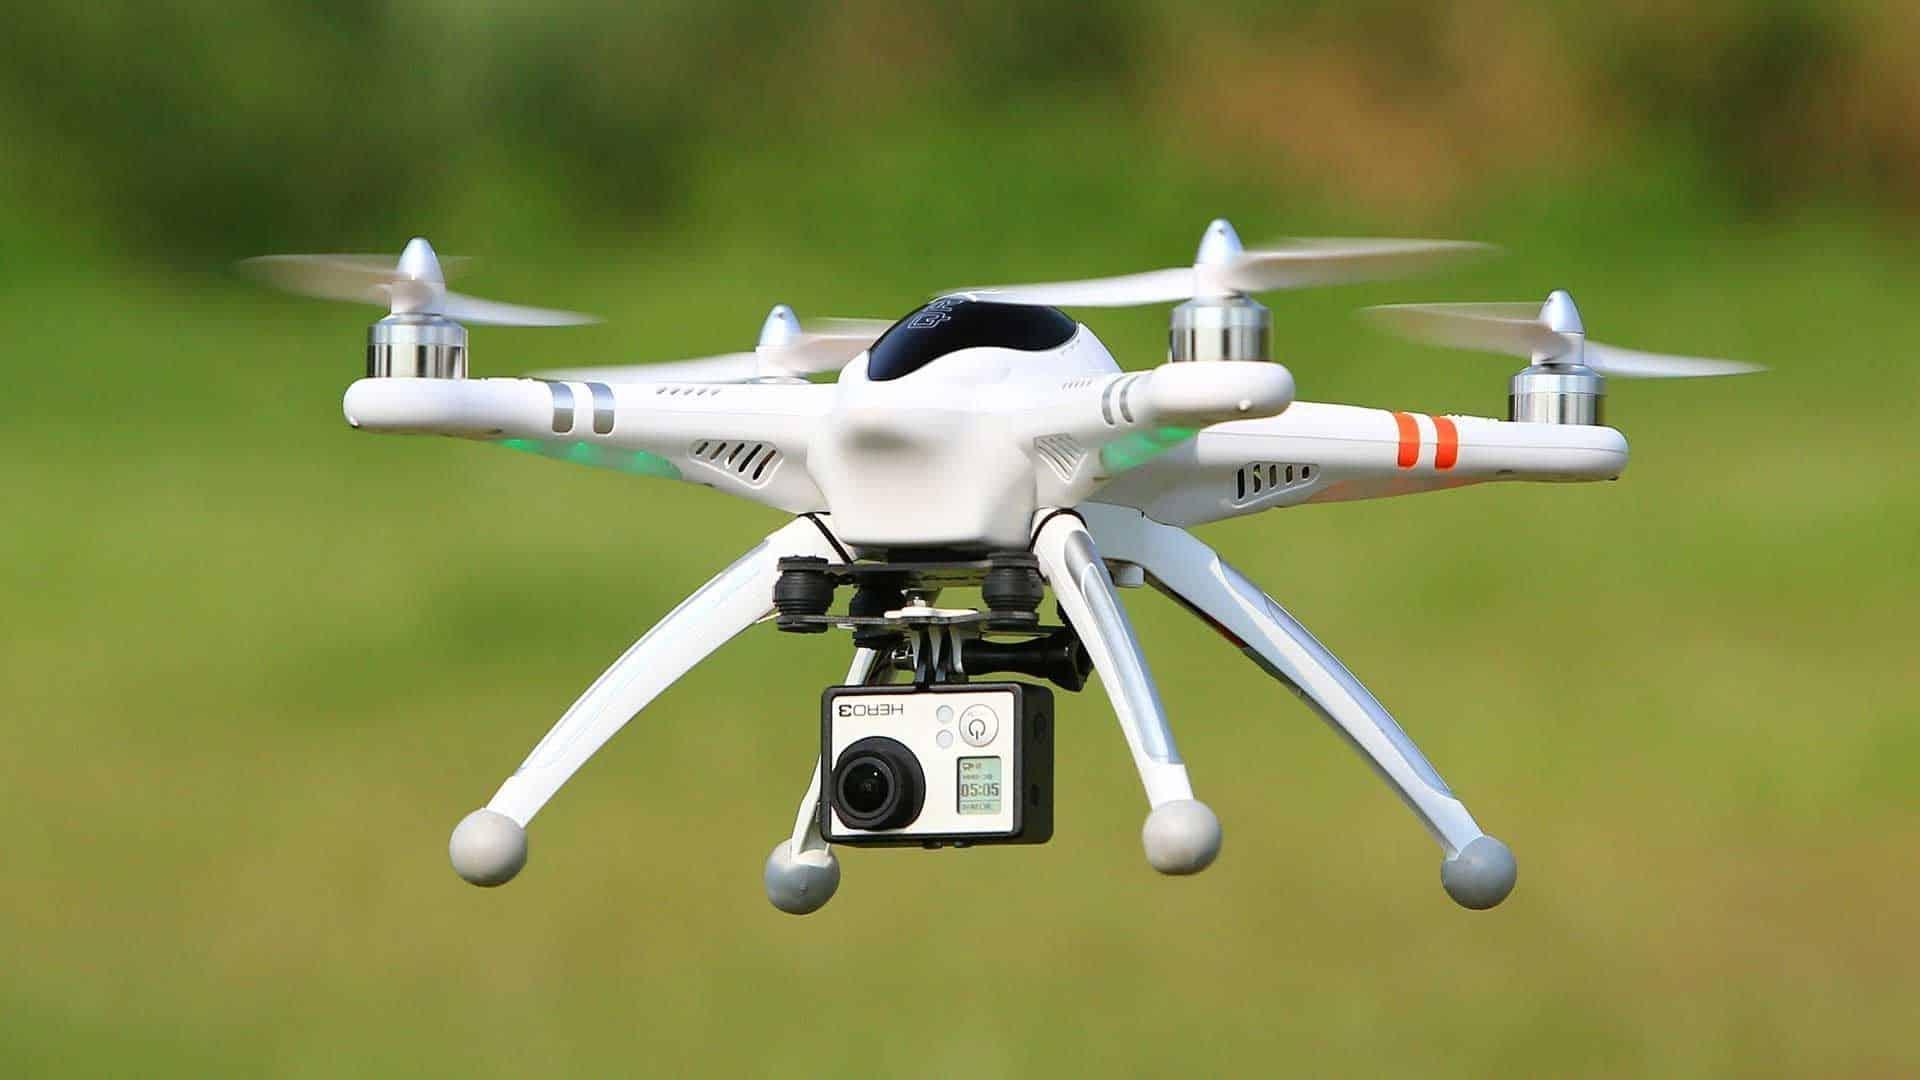 droni_wd40